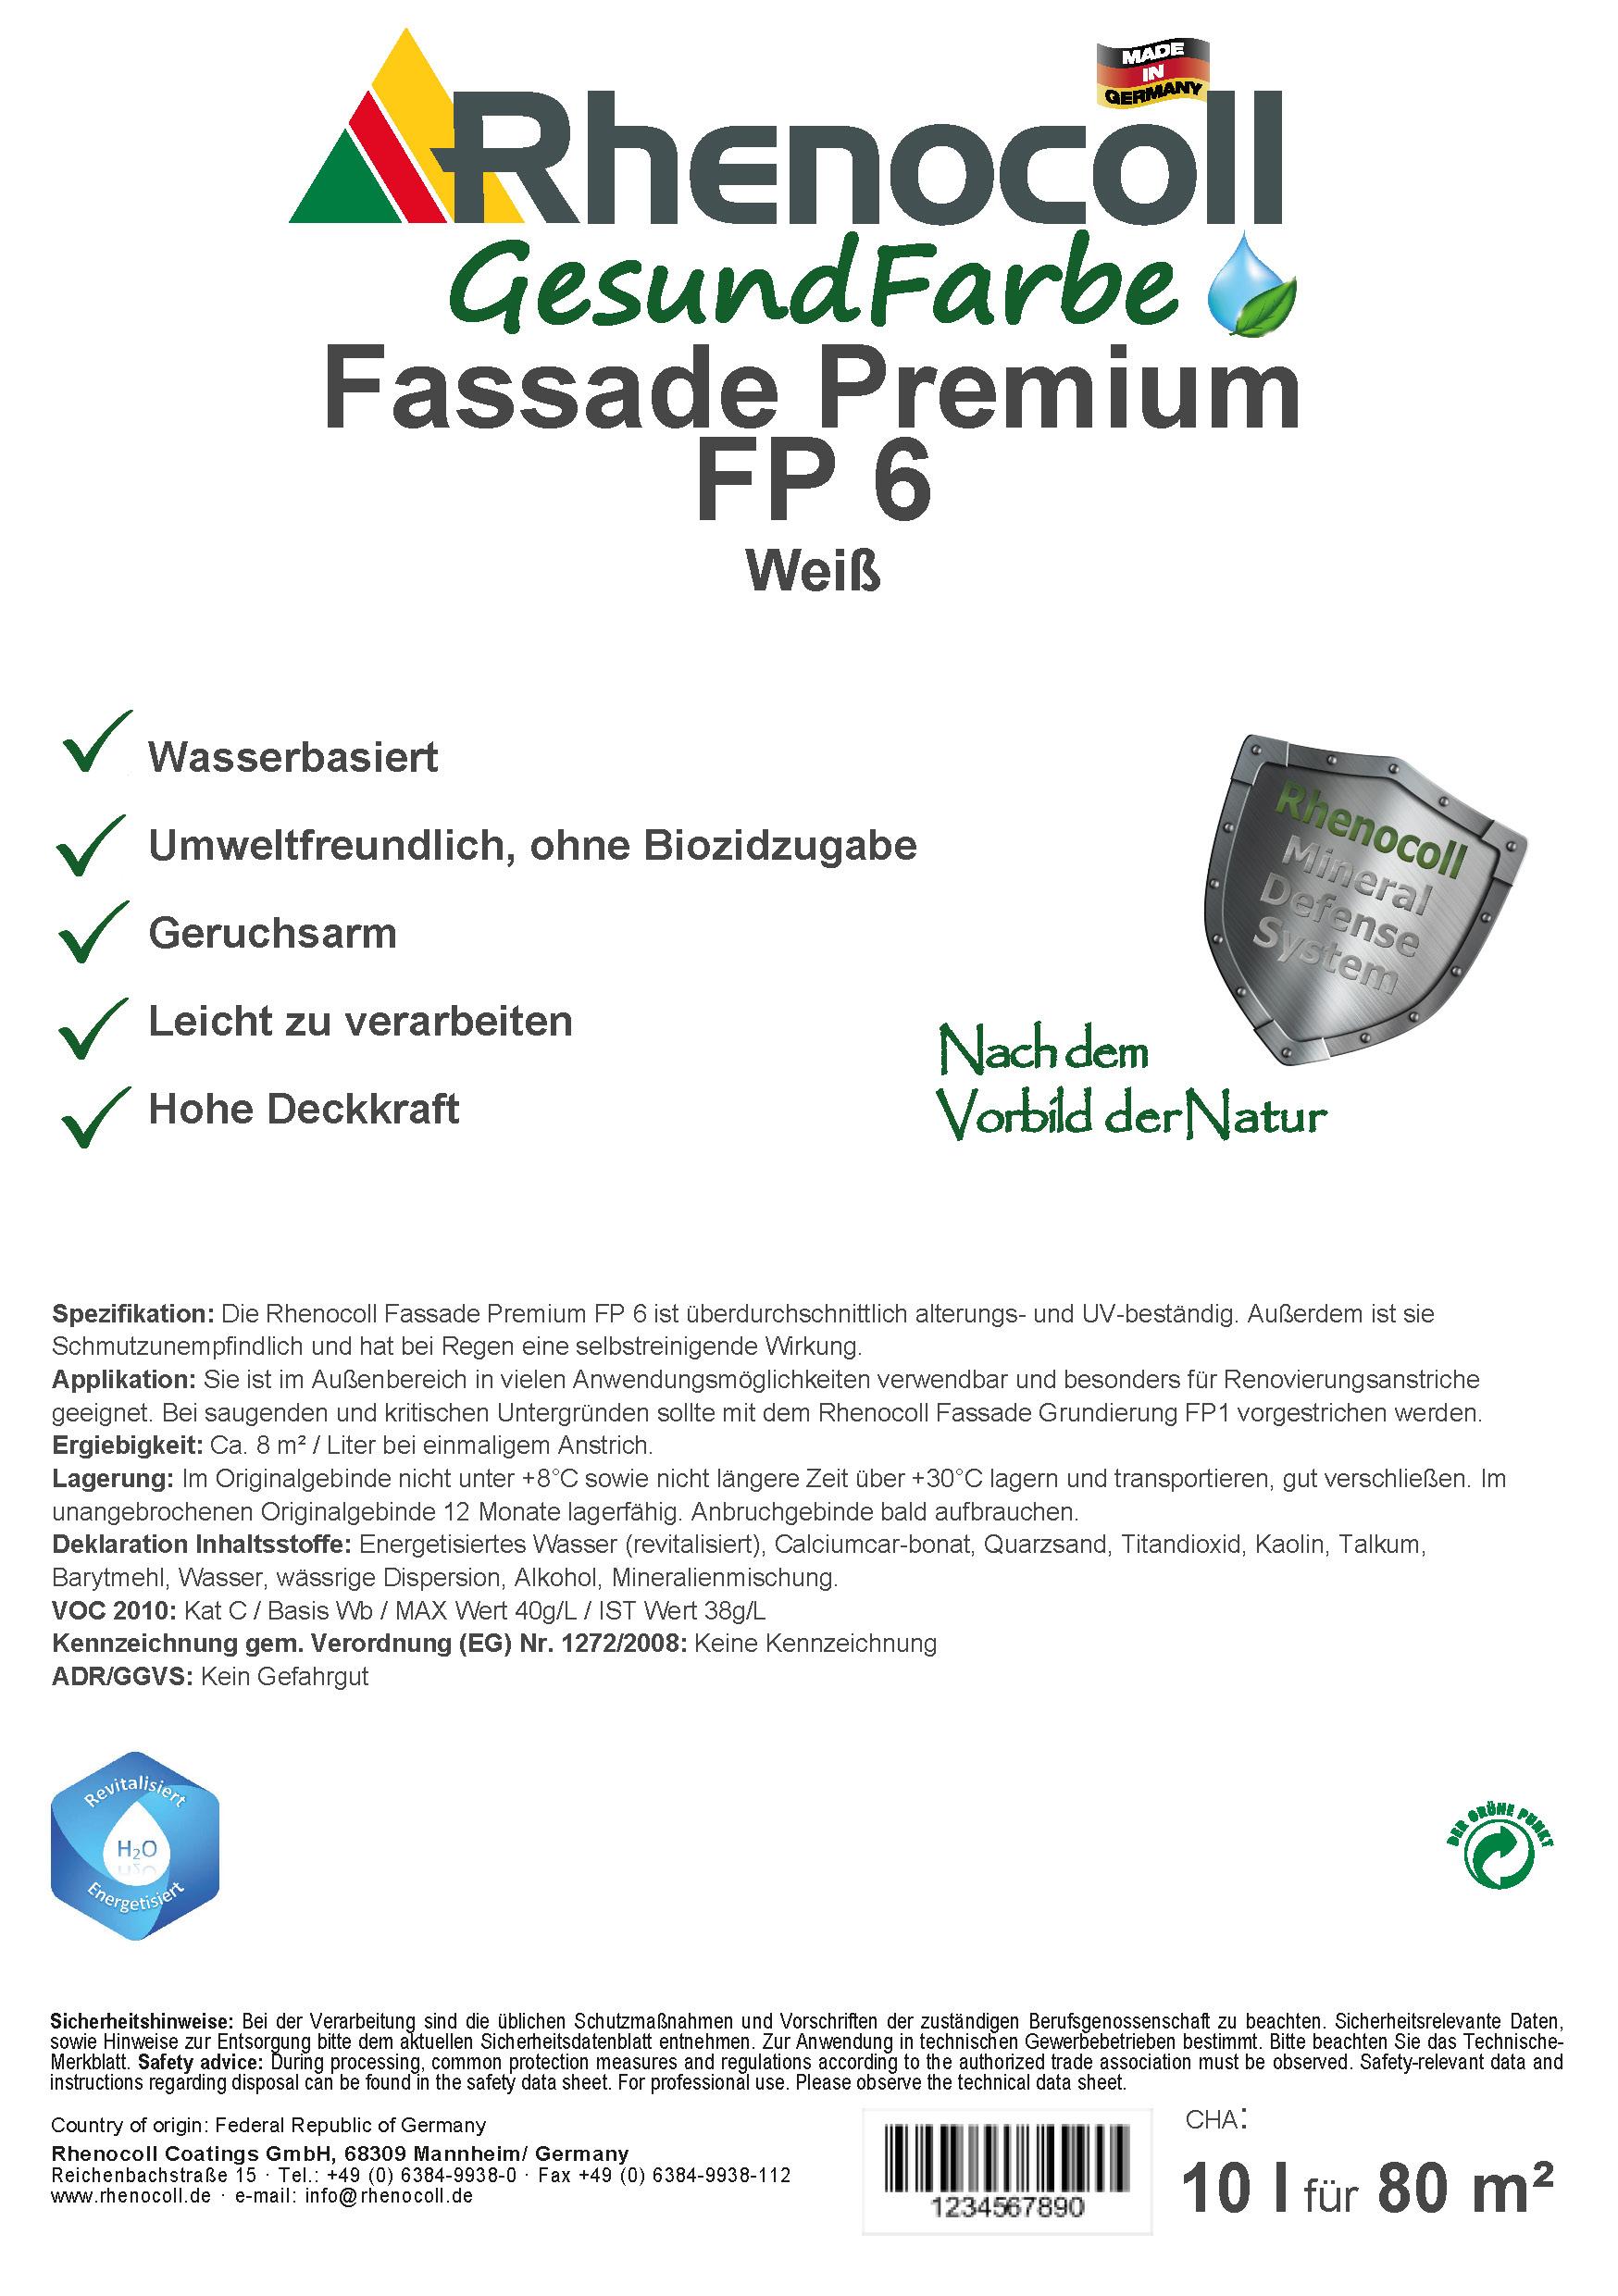 Fassade Premium FP6